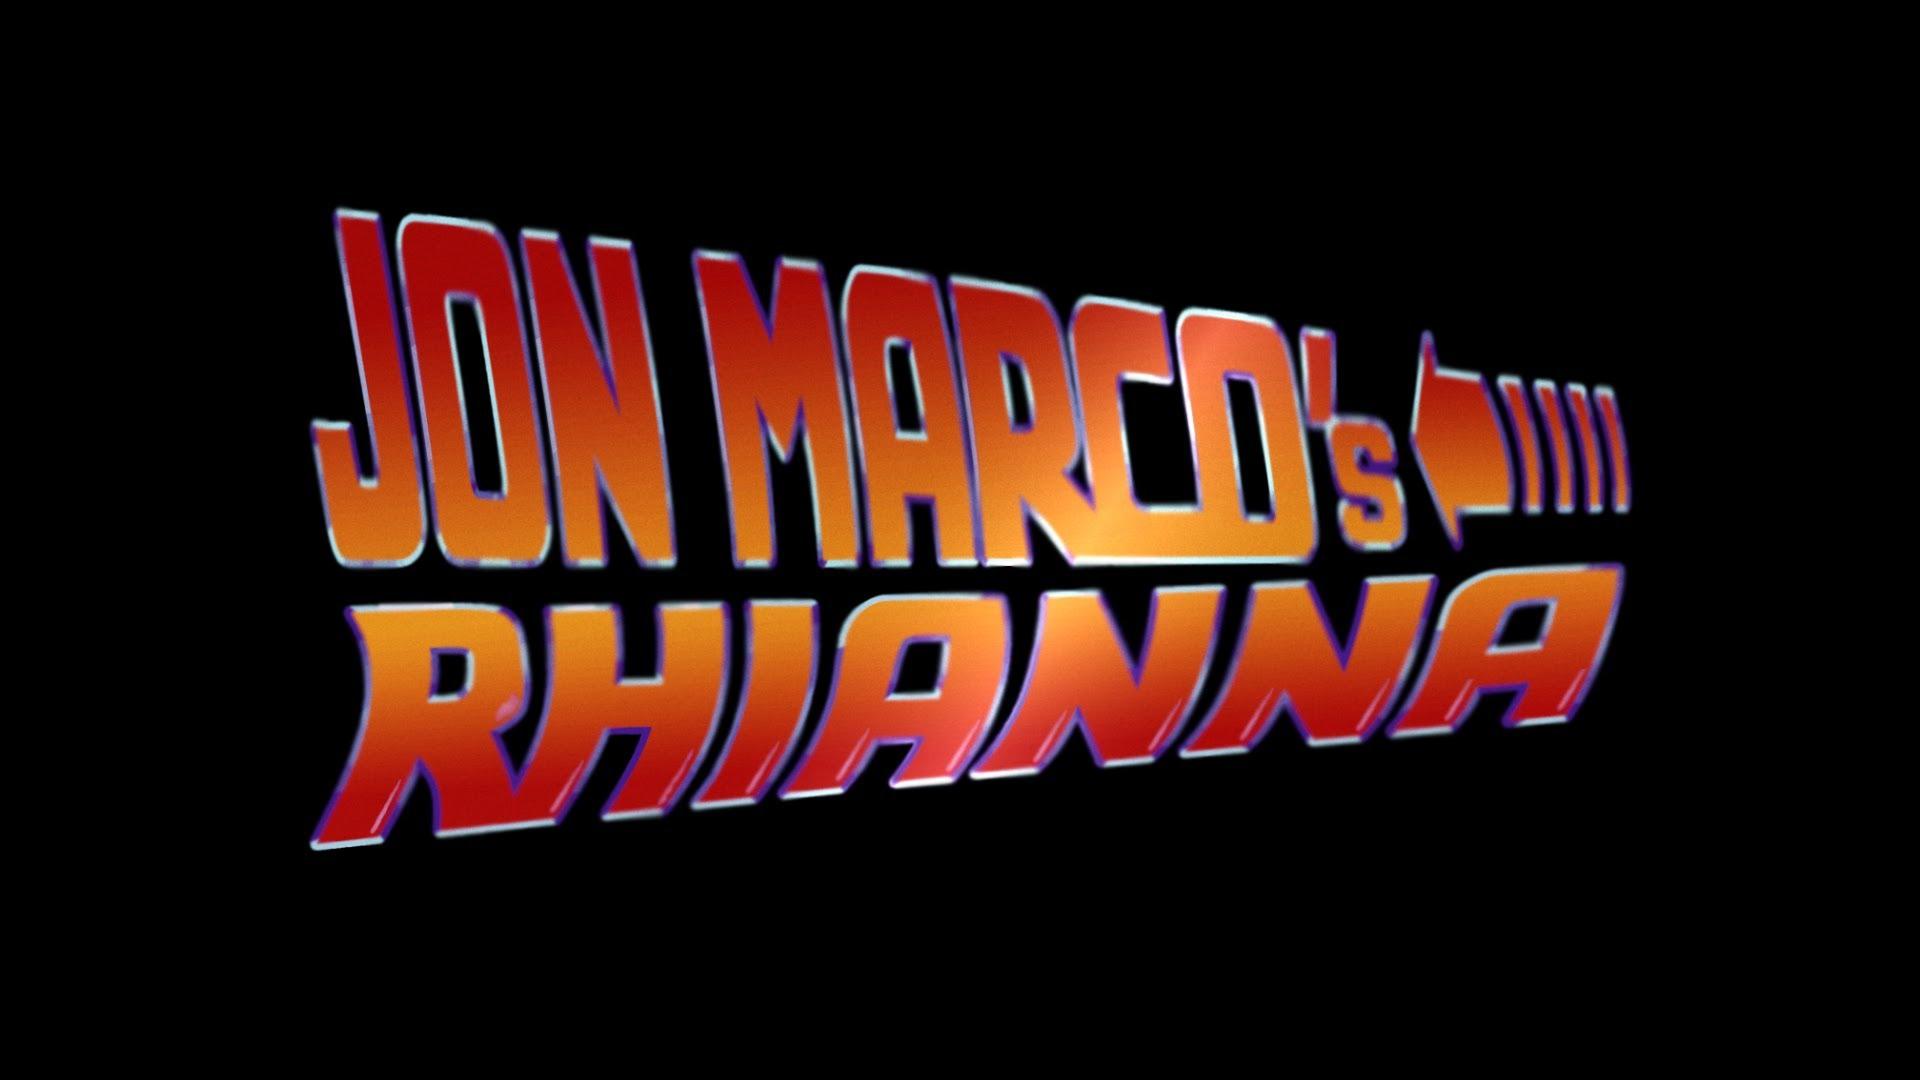 Musikvideo mit Kultfilmen aus den 80ern: Jon Marco – RHIANNA